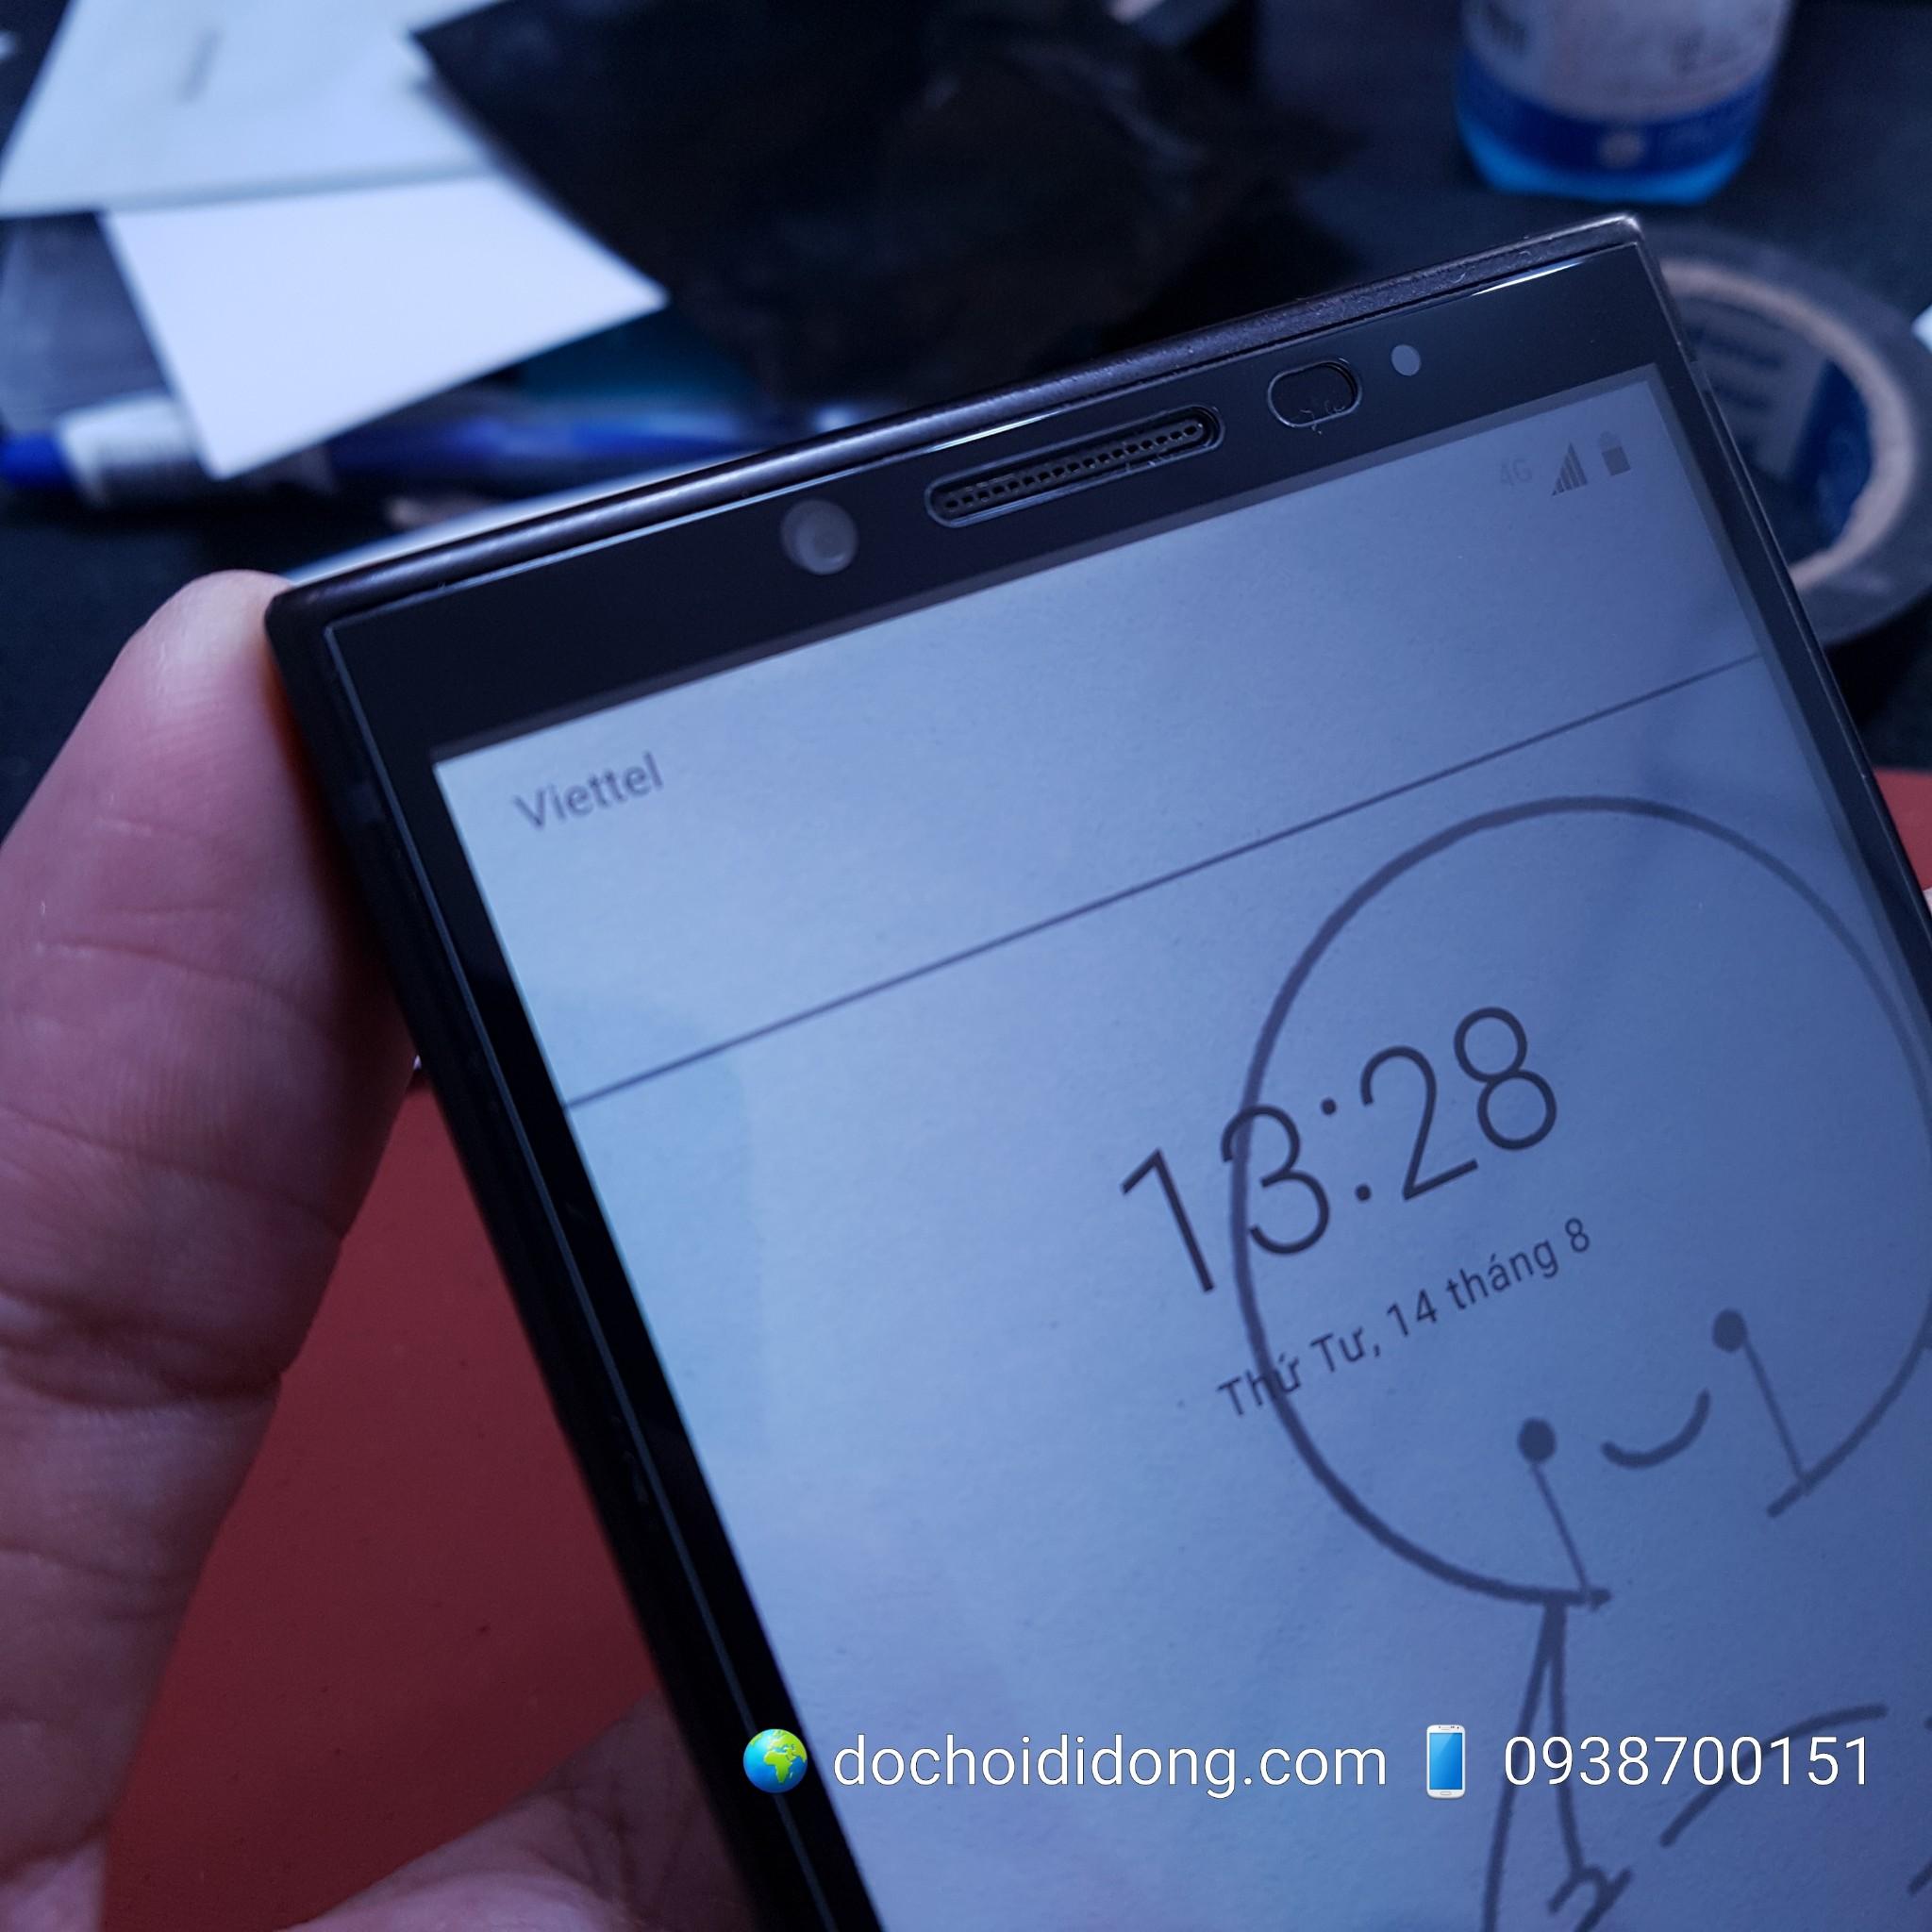 mieng-dan-cuong-luc-blackberry-key2-full-man-hinh-keo-vien